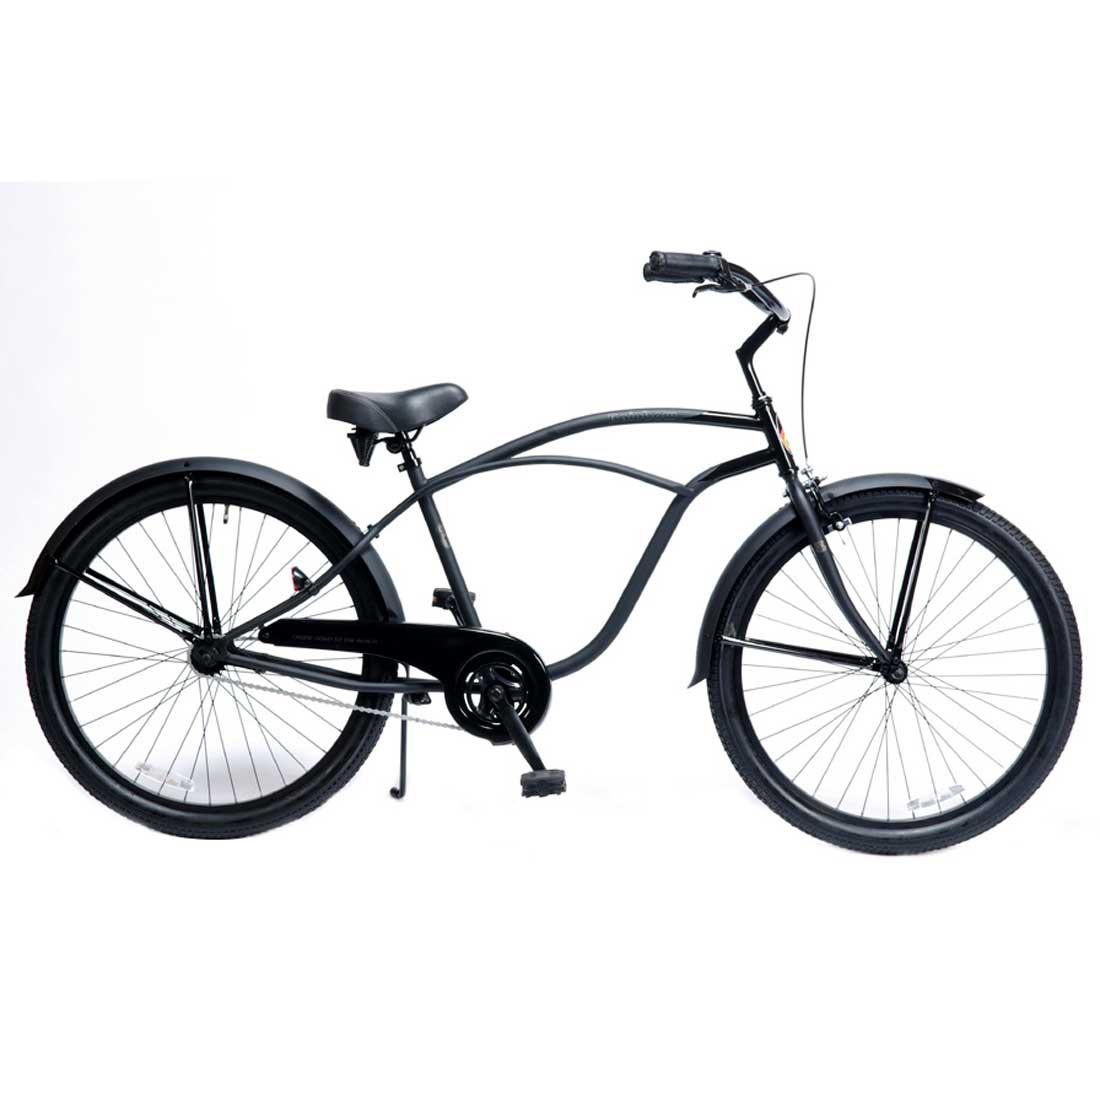 レインボー ビーチクルーザー 26インチ おしゃれ 自転車 通勤 通学 メンズ レディース 26mens-BC ダースベイダー